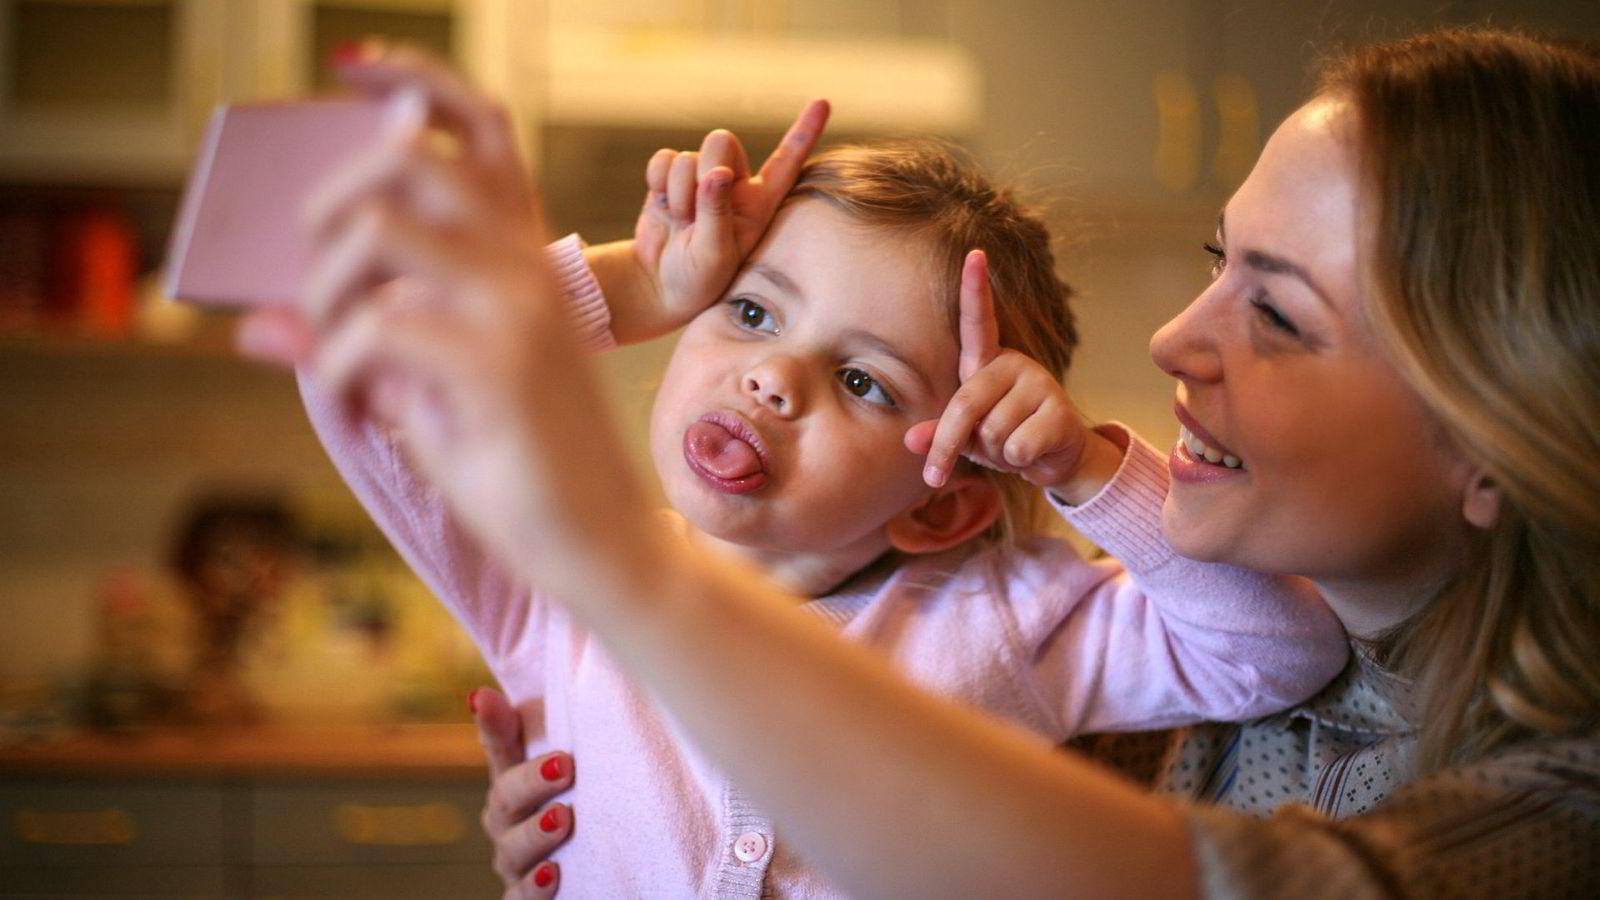 Foreldre forvalter barns ve og vel, herunder den samtykkekompetansen barna har til å si at det er greit å publisere bilder av dem. Men hva når foreldres og barns interesser krasjer?